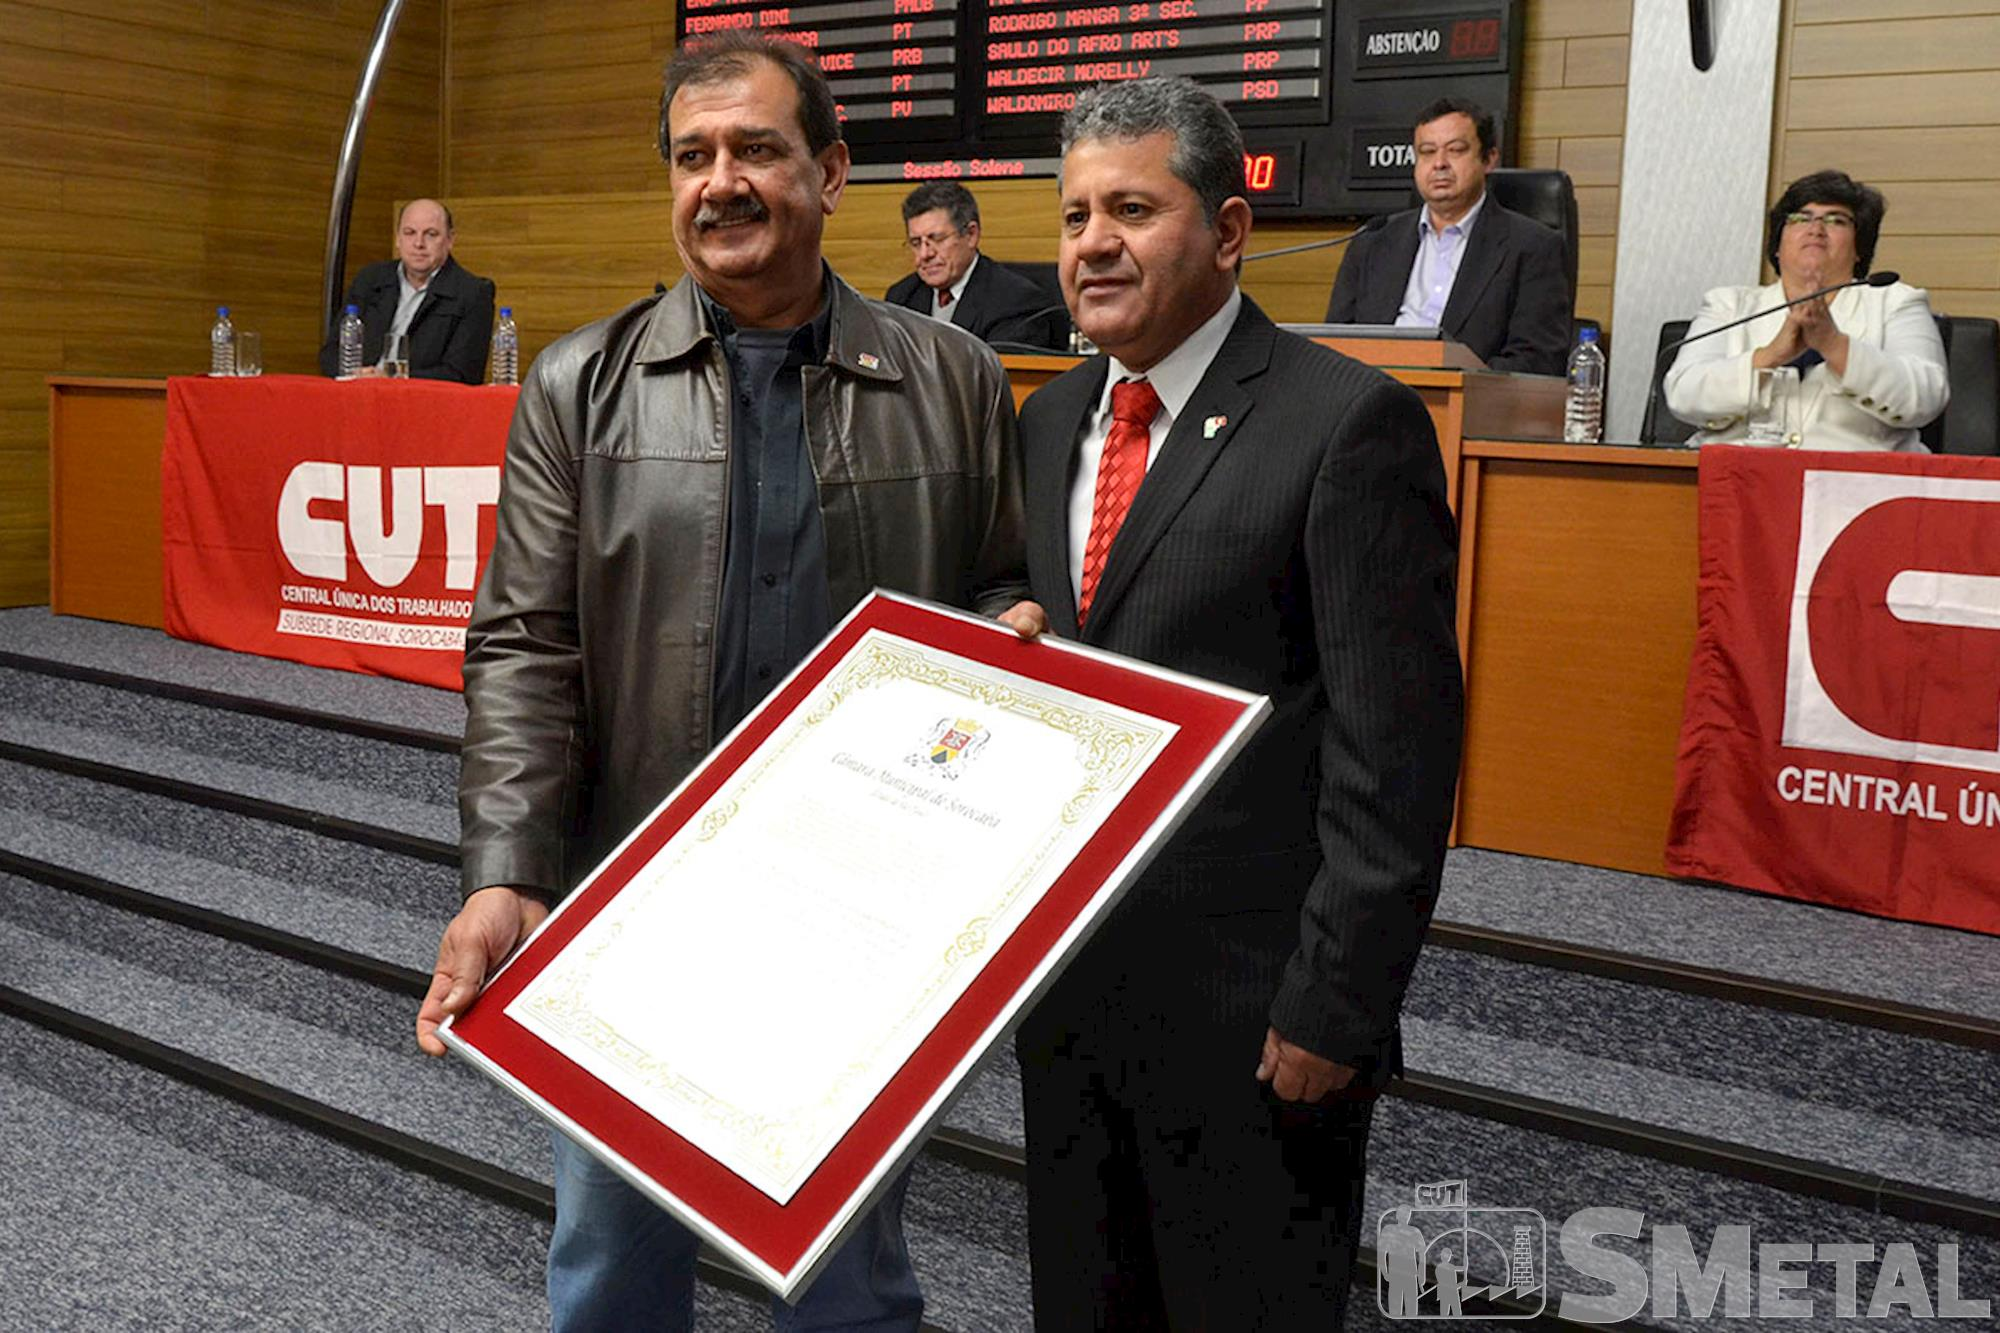 Ao final da solenidade,  o secretário-geral da CUT,  Sebastião Cardozo,  recebeu das mãos de Izídio uma placa comemorativa em alusão aos 30 anos da CUT, Sessão Solene na Câmara de Sorocaba comemora 30 anos de CUT